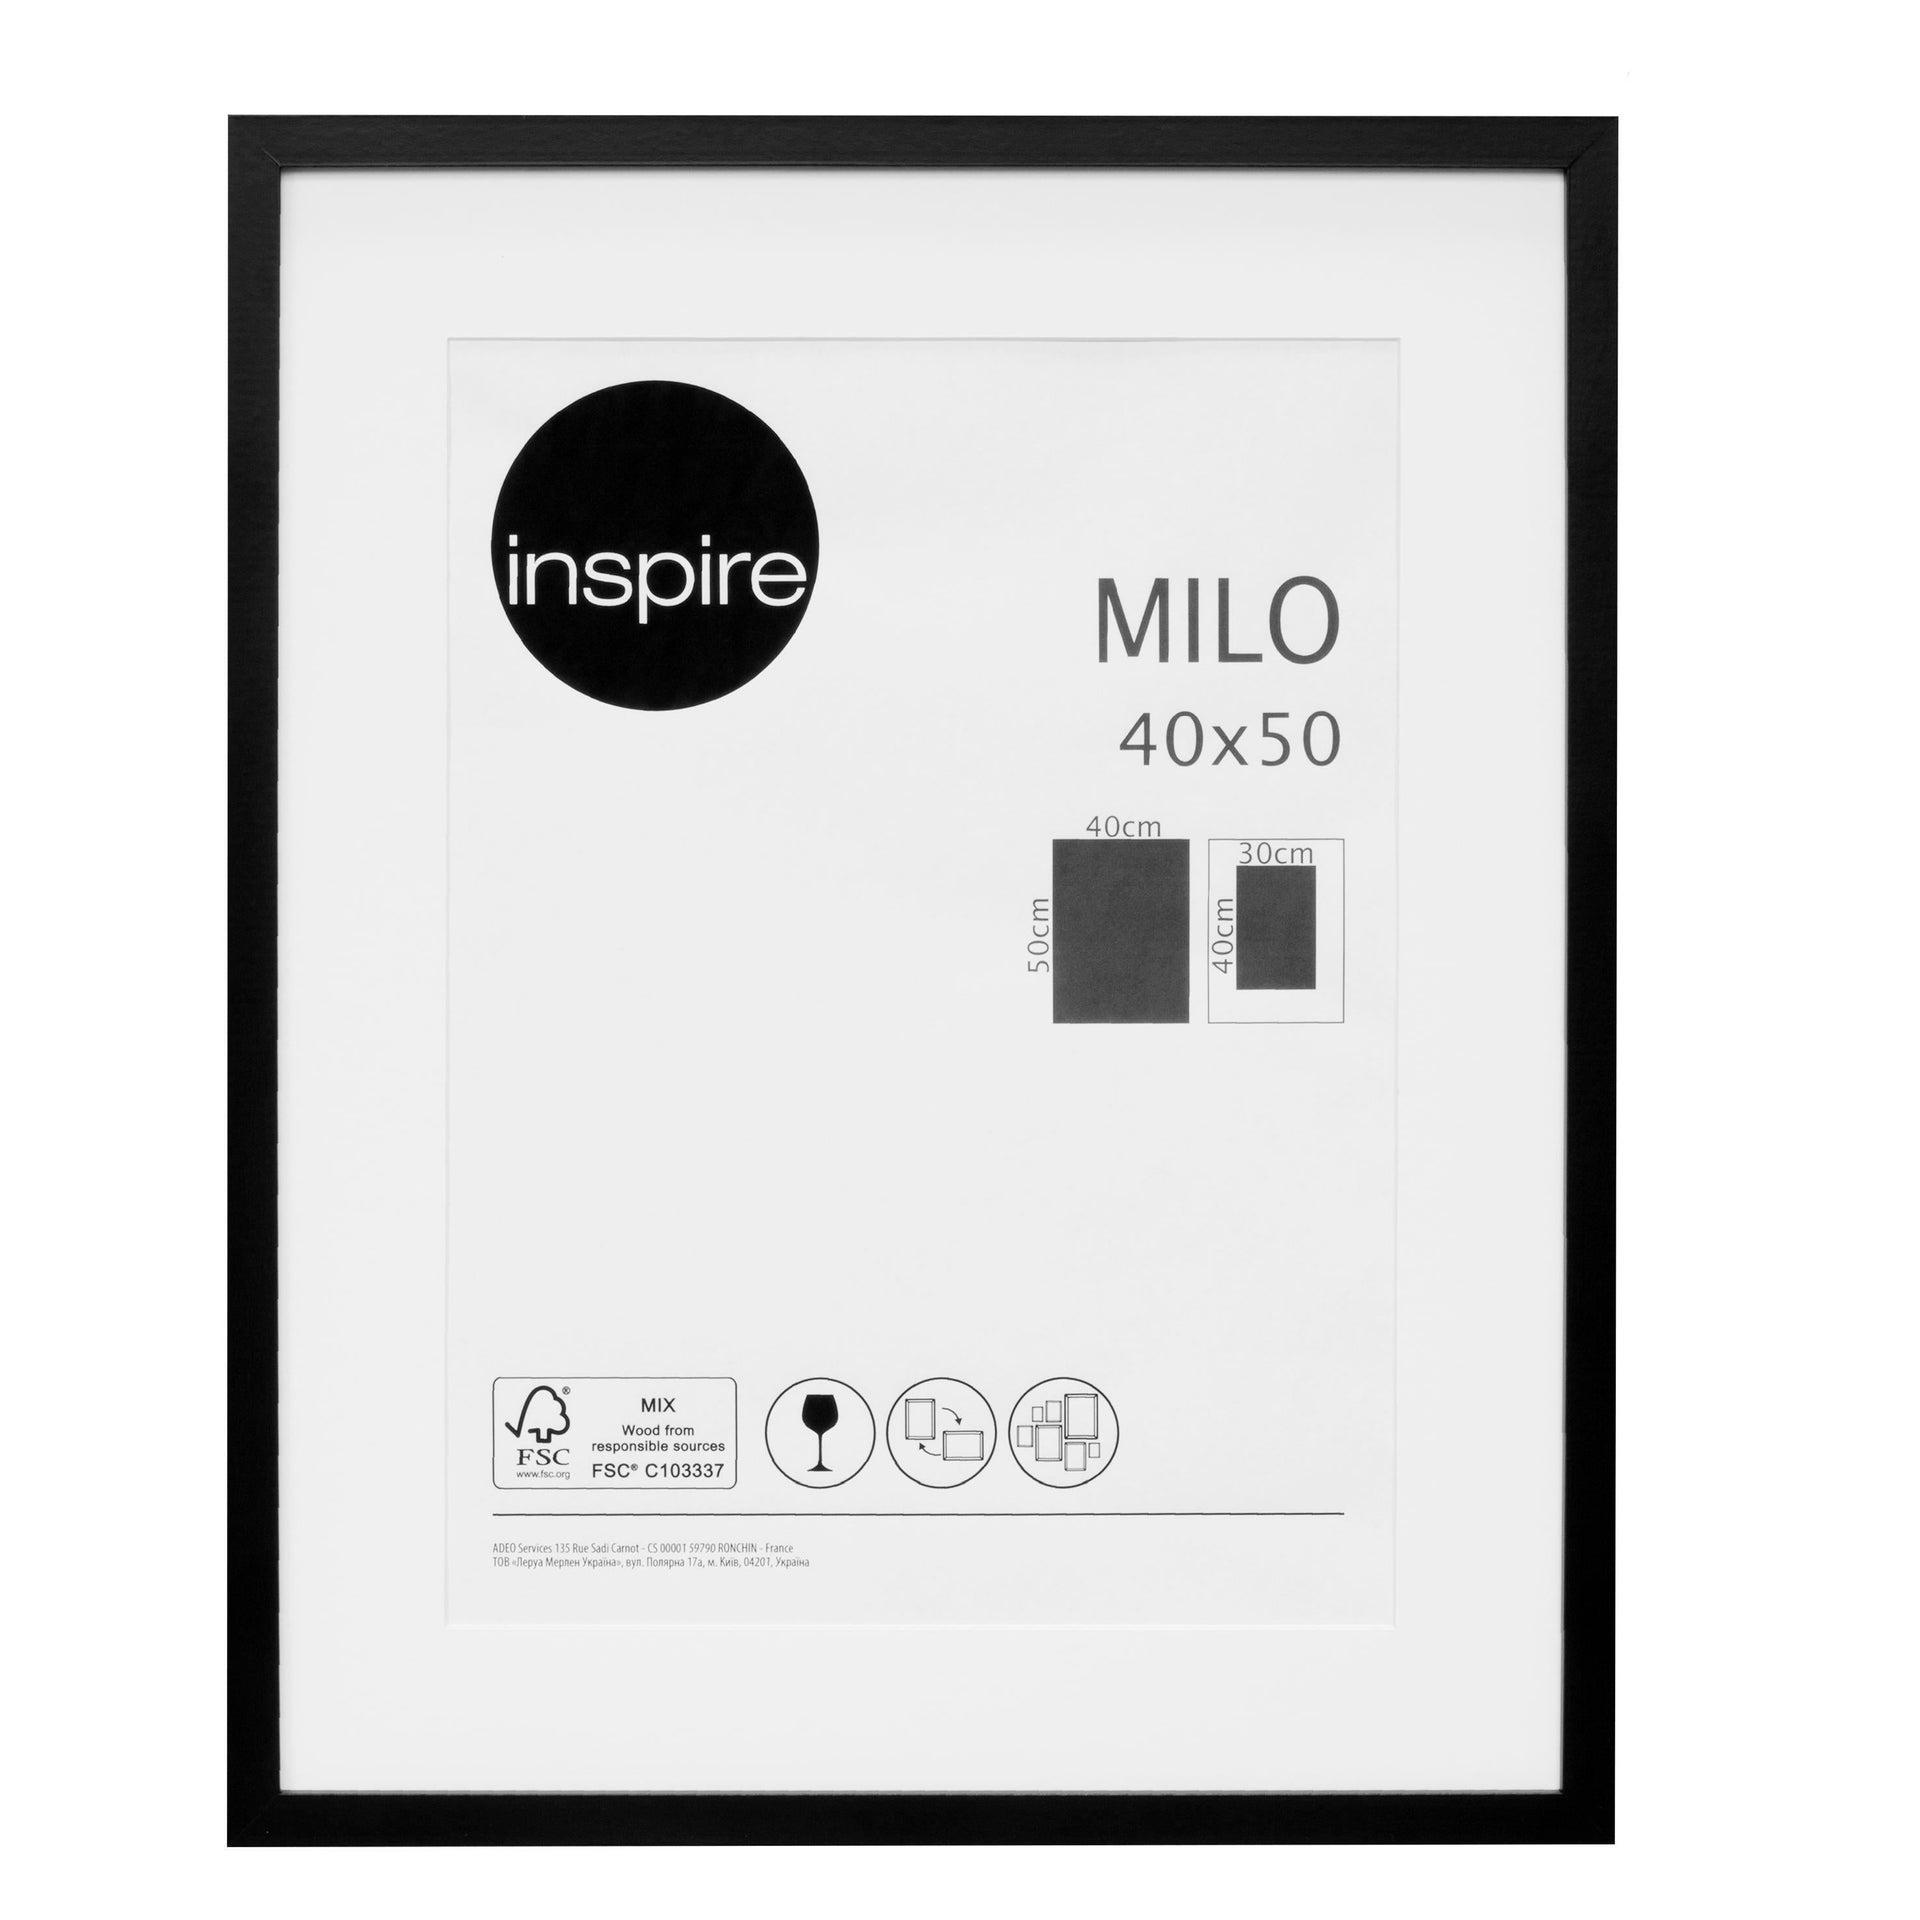 Cornice con passe-partout Inspire milo nero 40x50 cm - 1